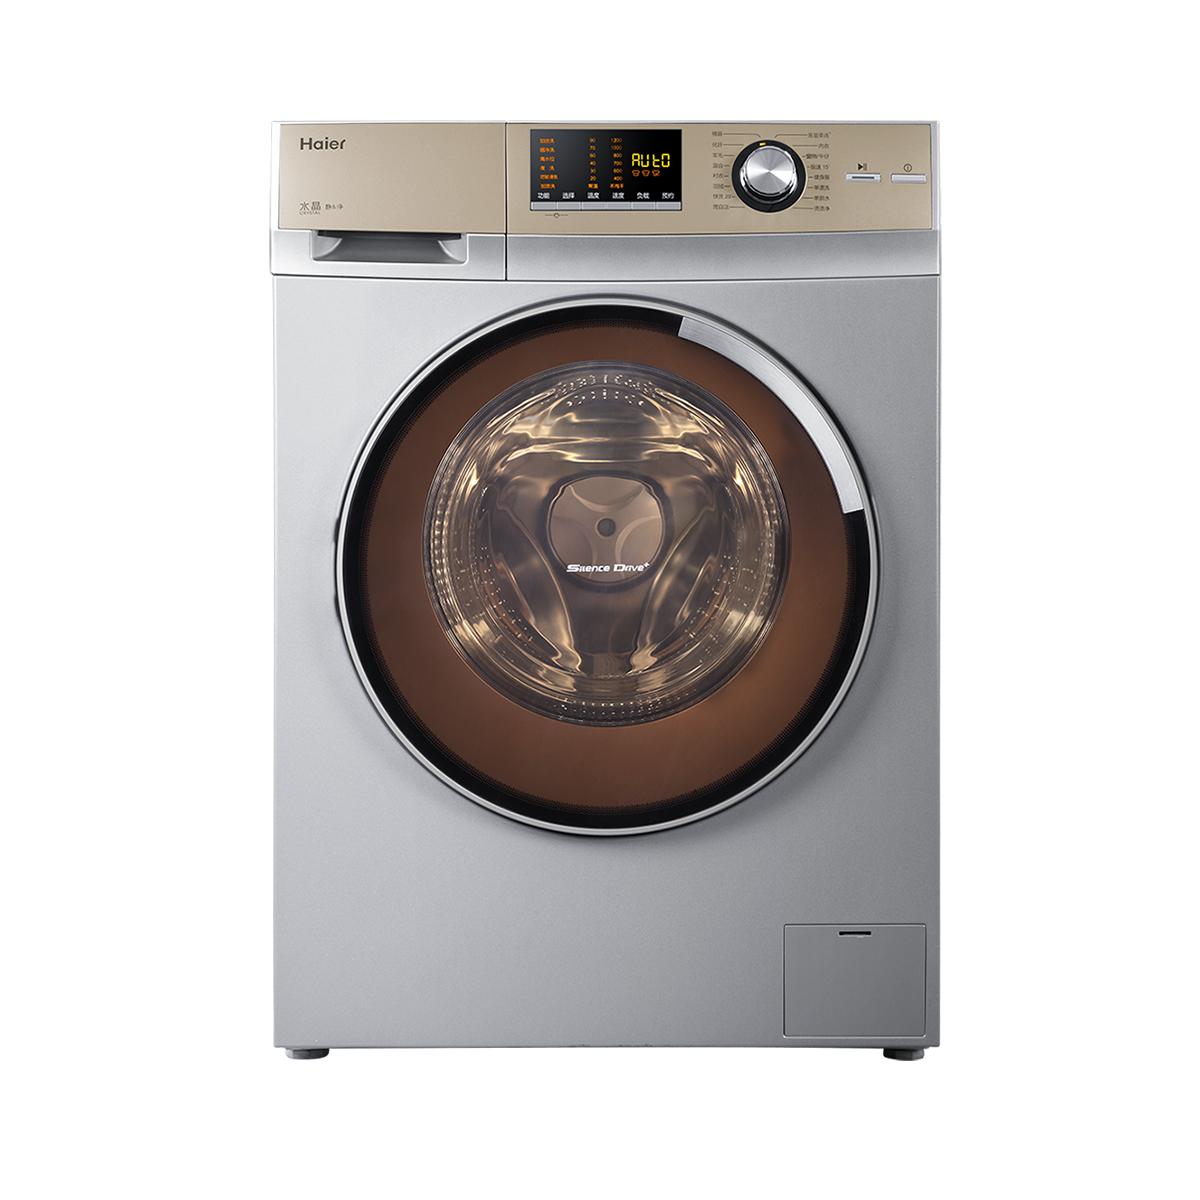 海尔Haier洗衣机 XQG60-B1226AG 说明书